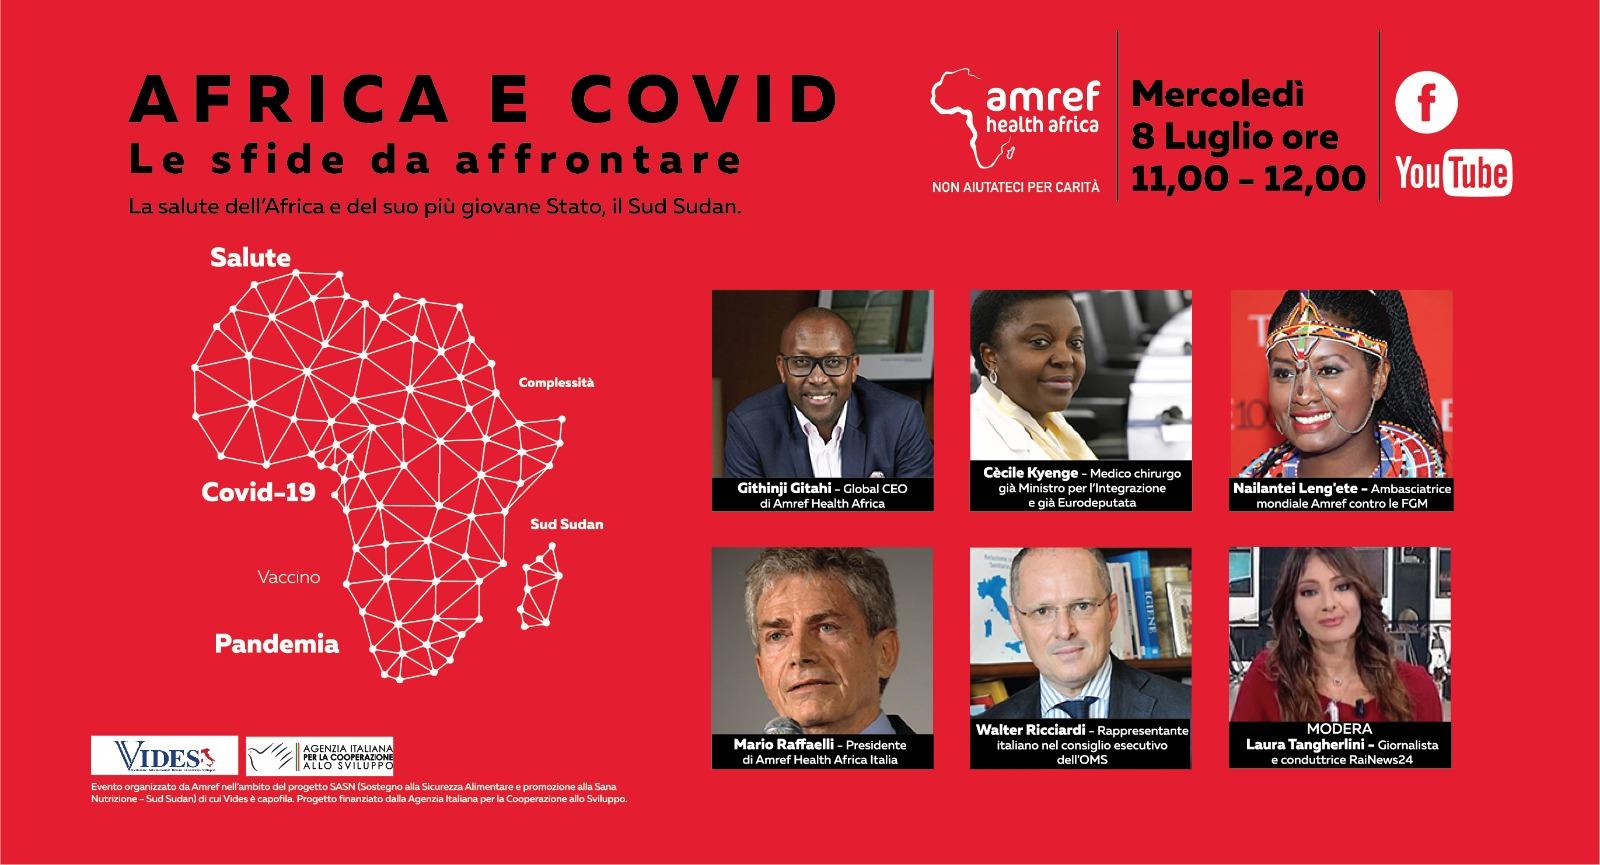 Africa E Covid-19. Le Sfide Da Affrontare. Mercoledì 8 Ne Parlano Esperti E Rappresentanti Di Amref